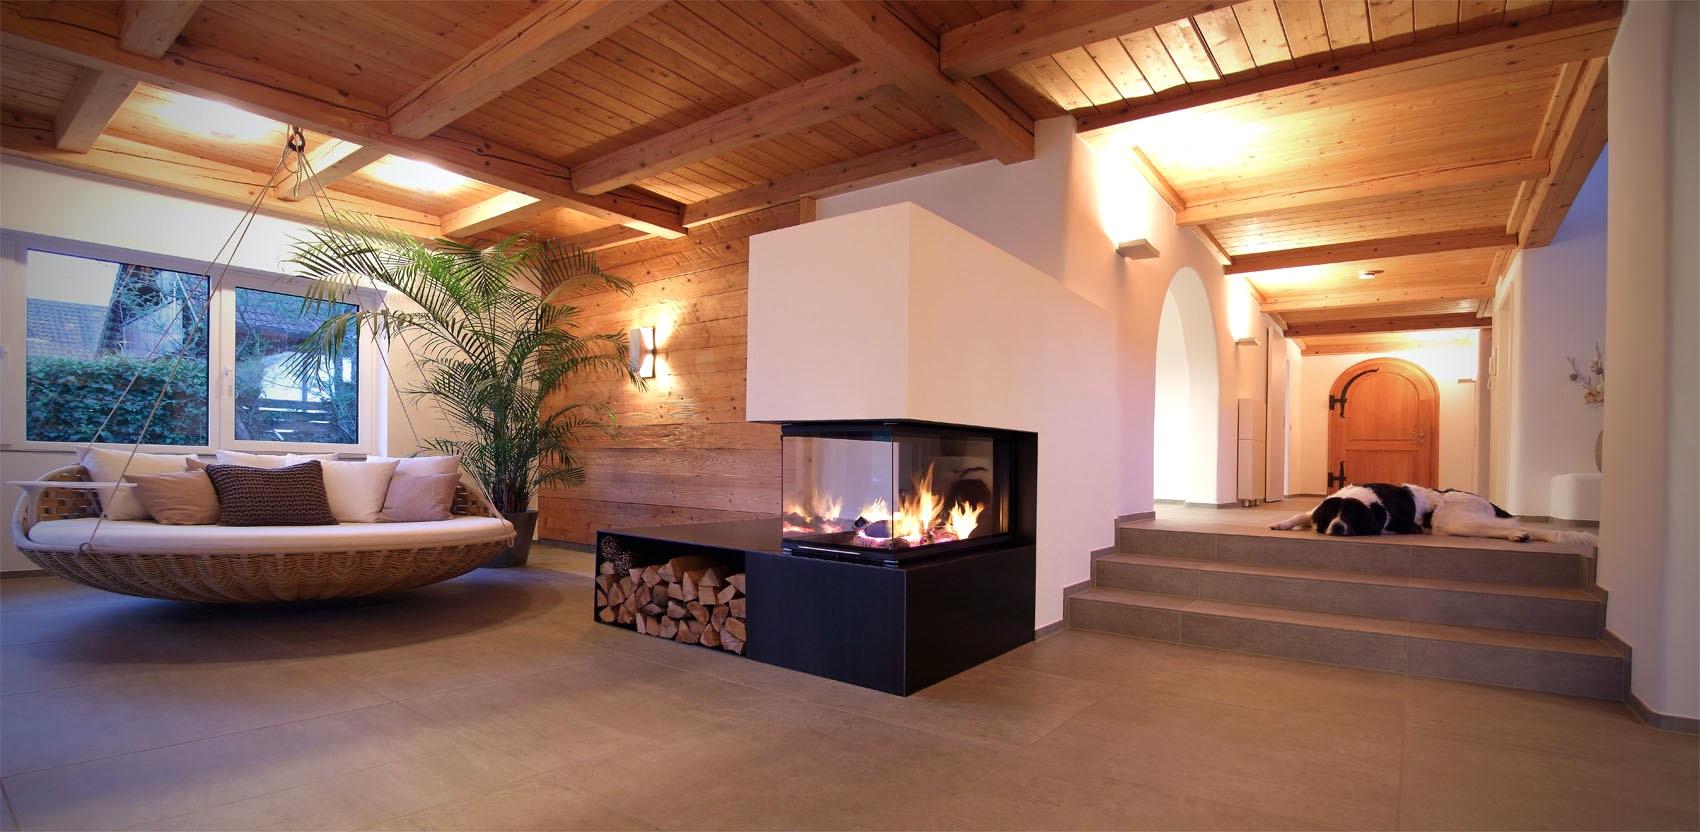 Kamin Modern Wohnzimmer